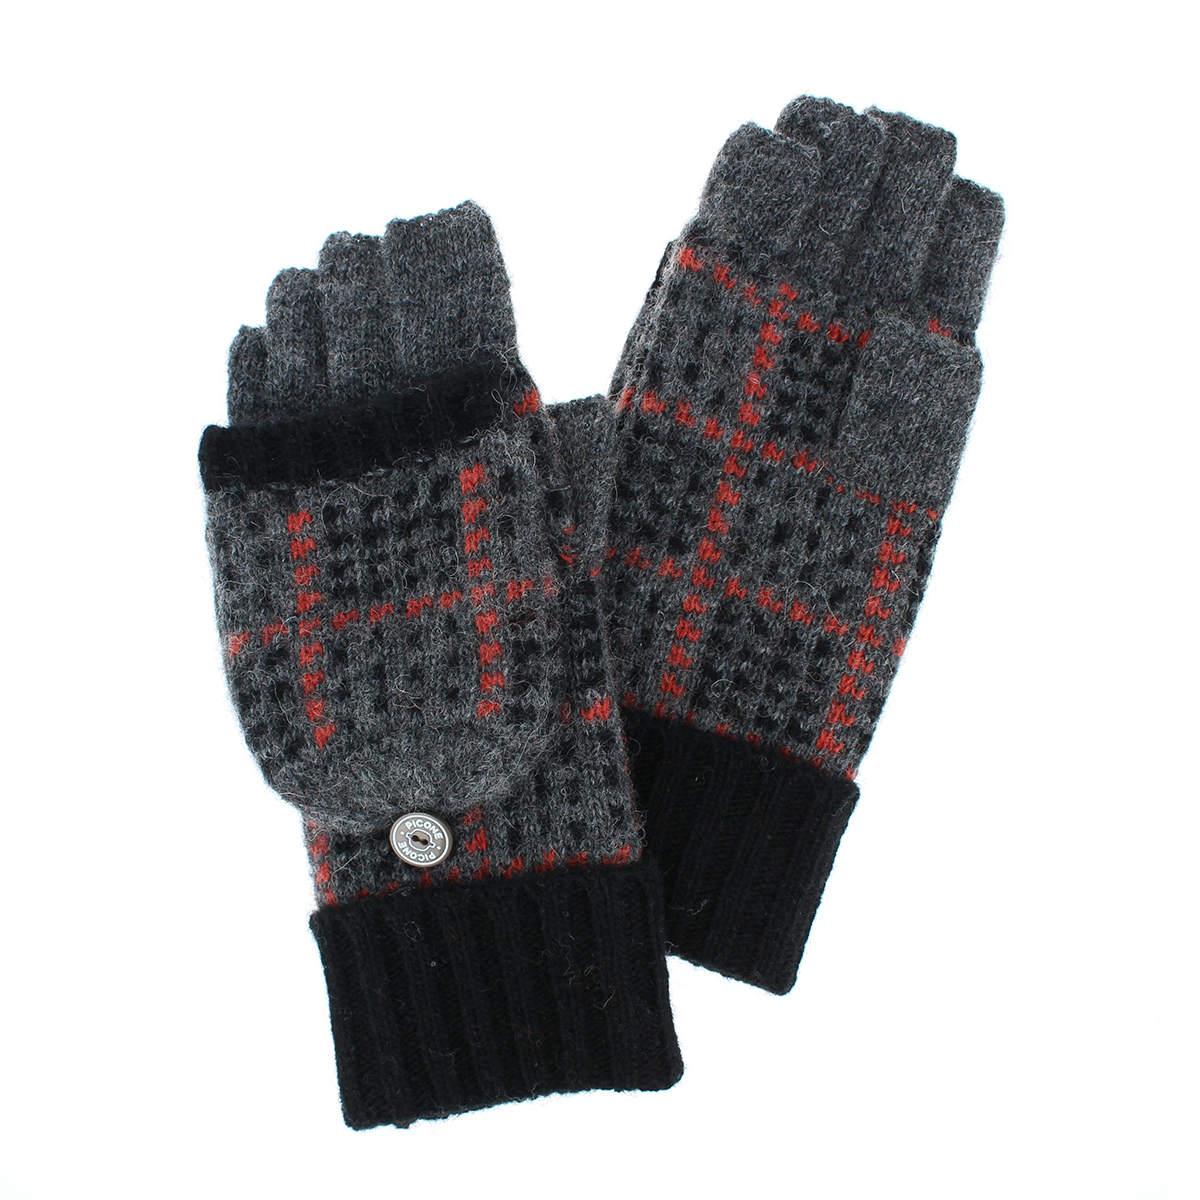 ピッコーネ レディース 2WAYニット手袋 フード付き ミトン 指切り 手袋 スマホ タッチパネル対応 秋冬 防寒 ほっこり あったか 可愛い チェック柄ニット